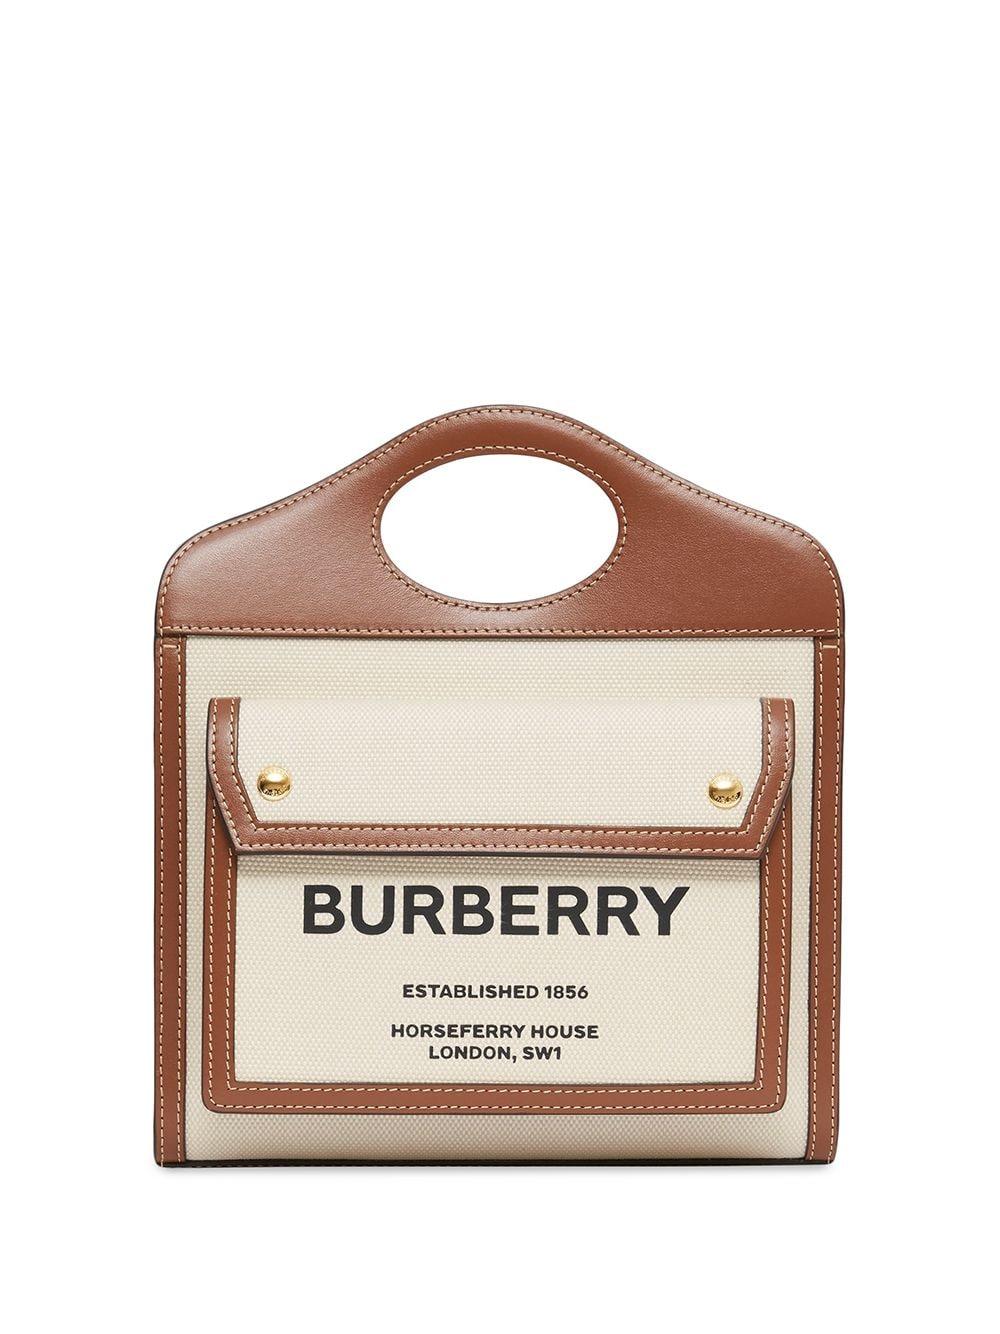 Burberry Mini Pocket Handtasche - Nude